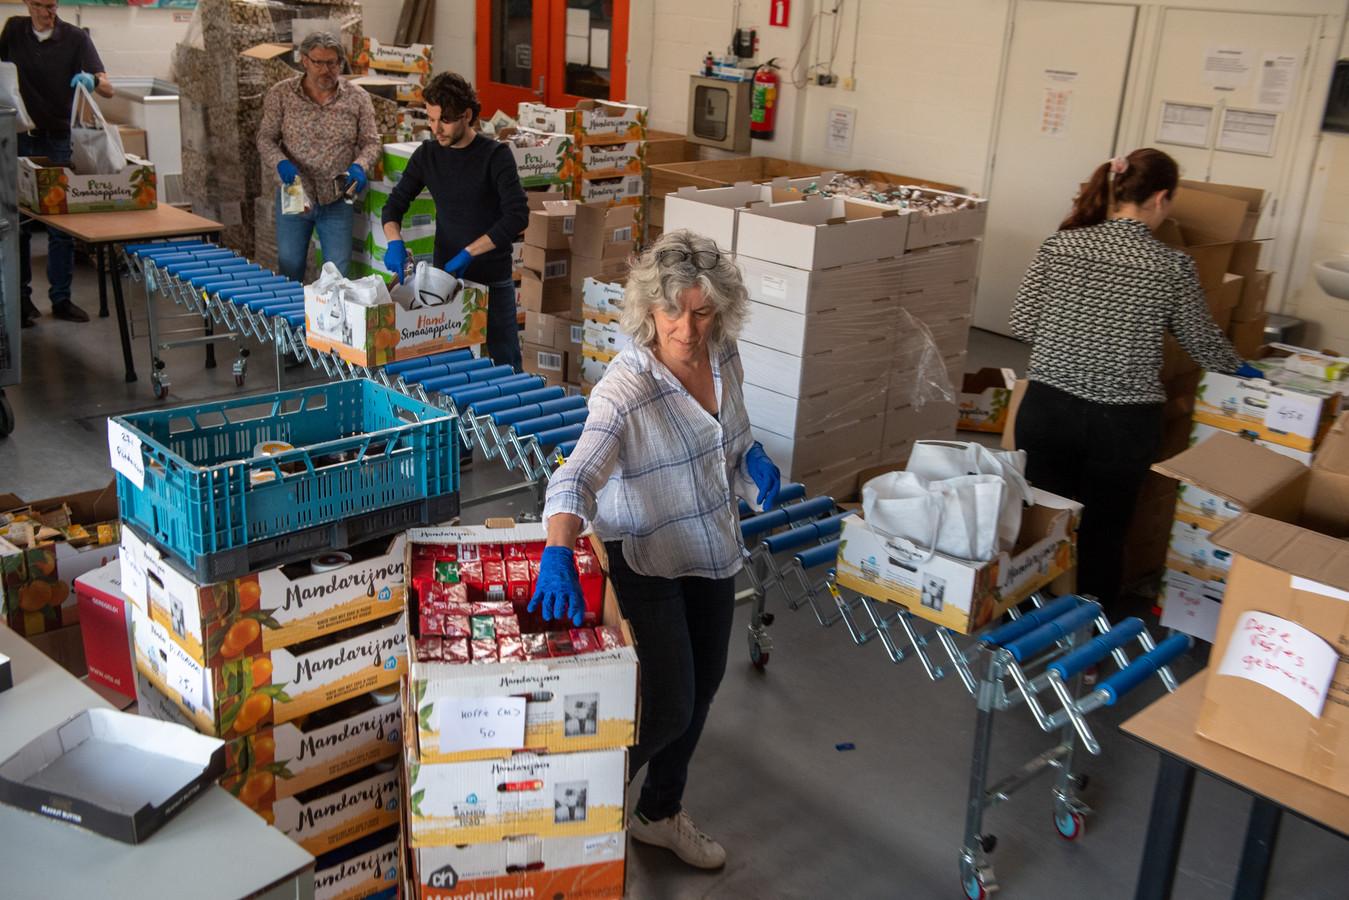 Vrijwilligers van de voedselbank pakken voedselpakketten in voor de klanten. Ze krijgen door de coronacrisis steeds meer aanmeldingen.